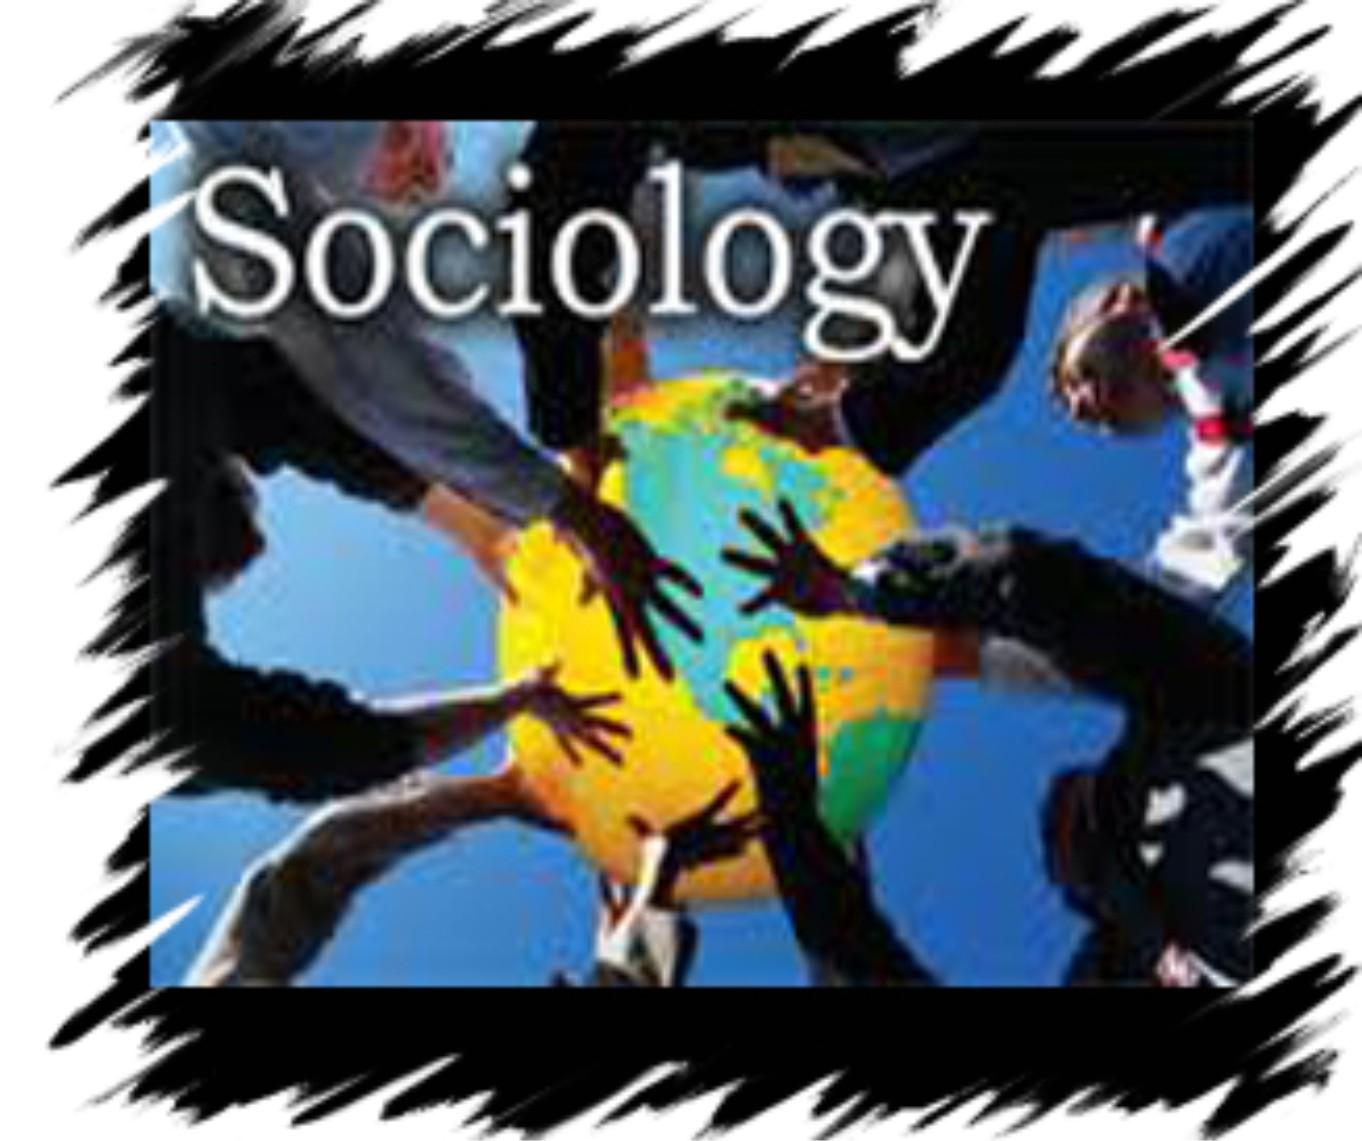 Hubungan Sosiologi Dengan Kesehatan Gigi Sosiologi Wikipedia Bahasa Indonesia Ensiklopedia Bebas Jurnal Sosiologi Kesehatan Dunia Keperawatan